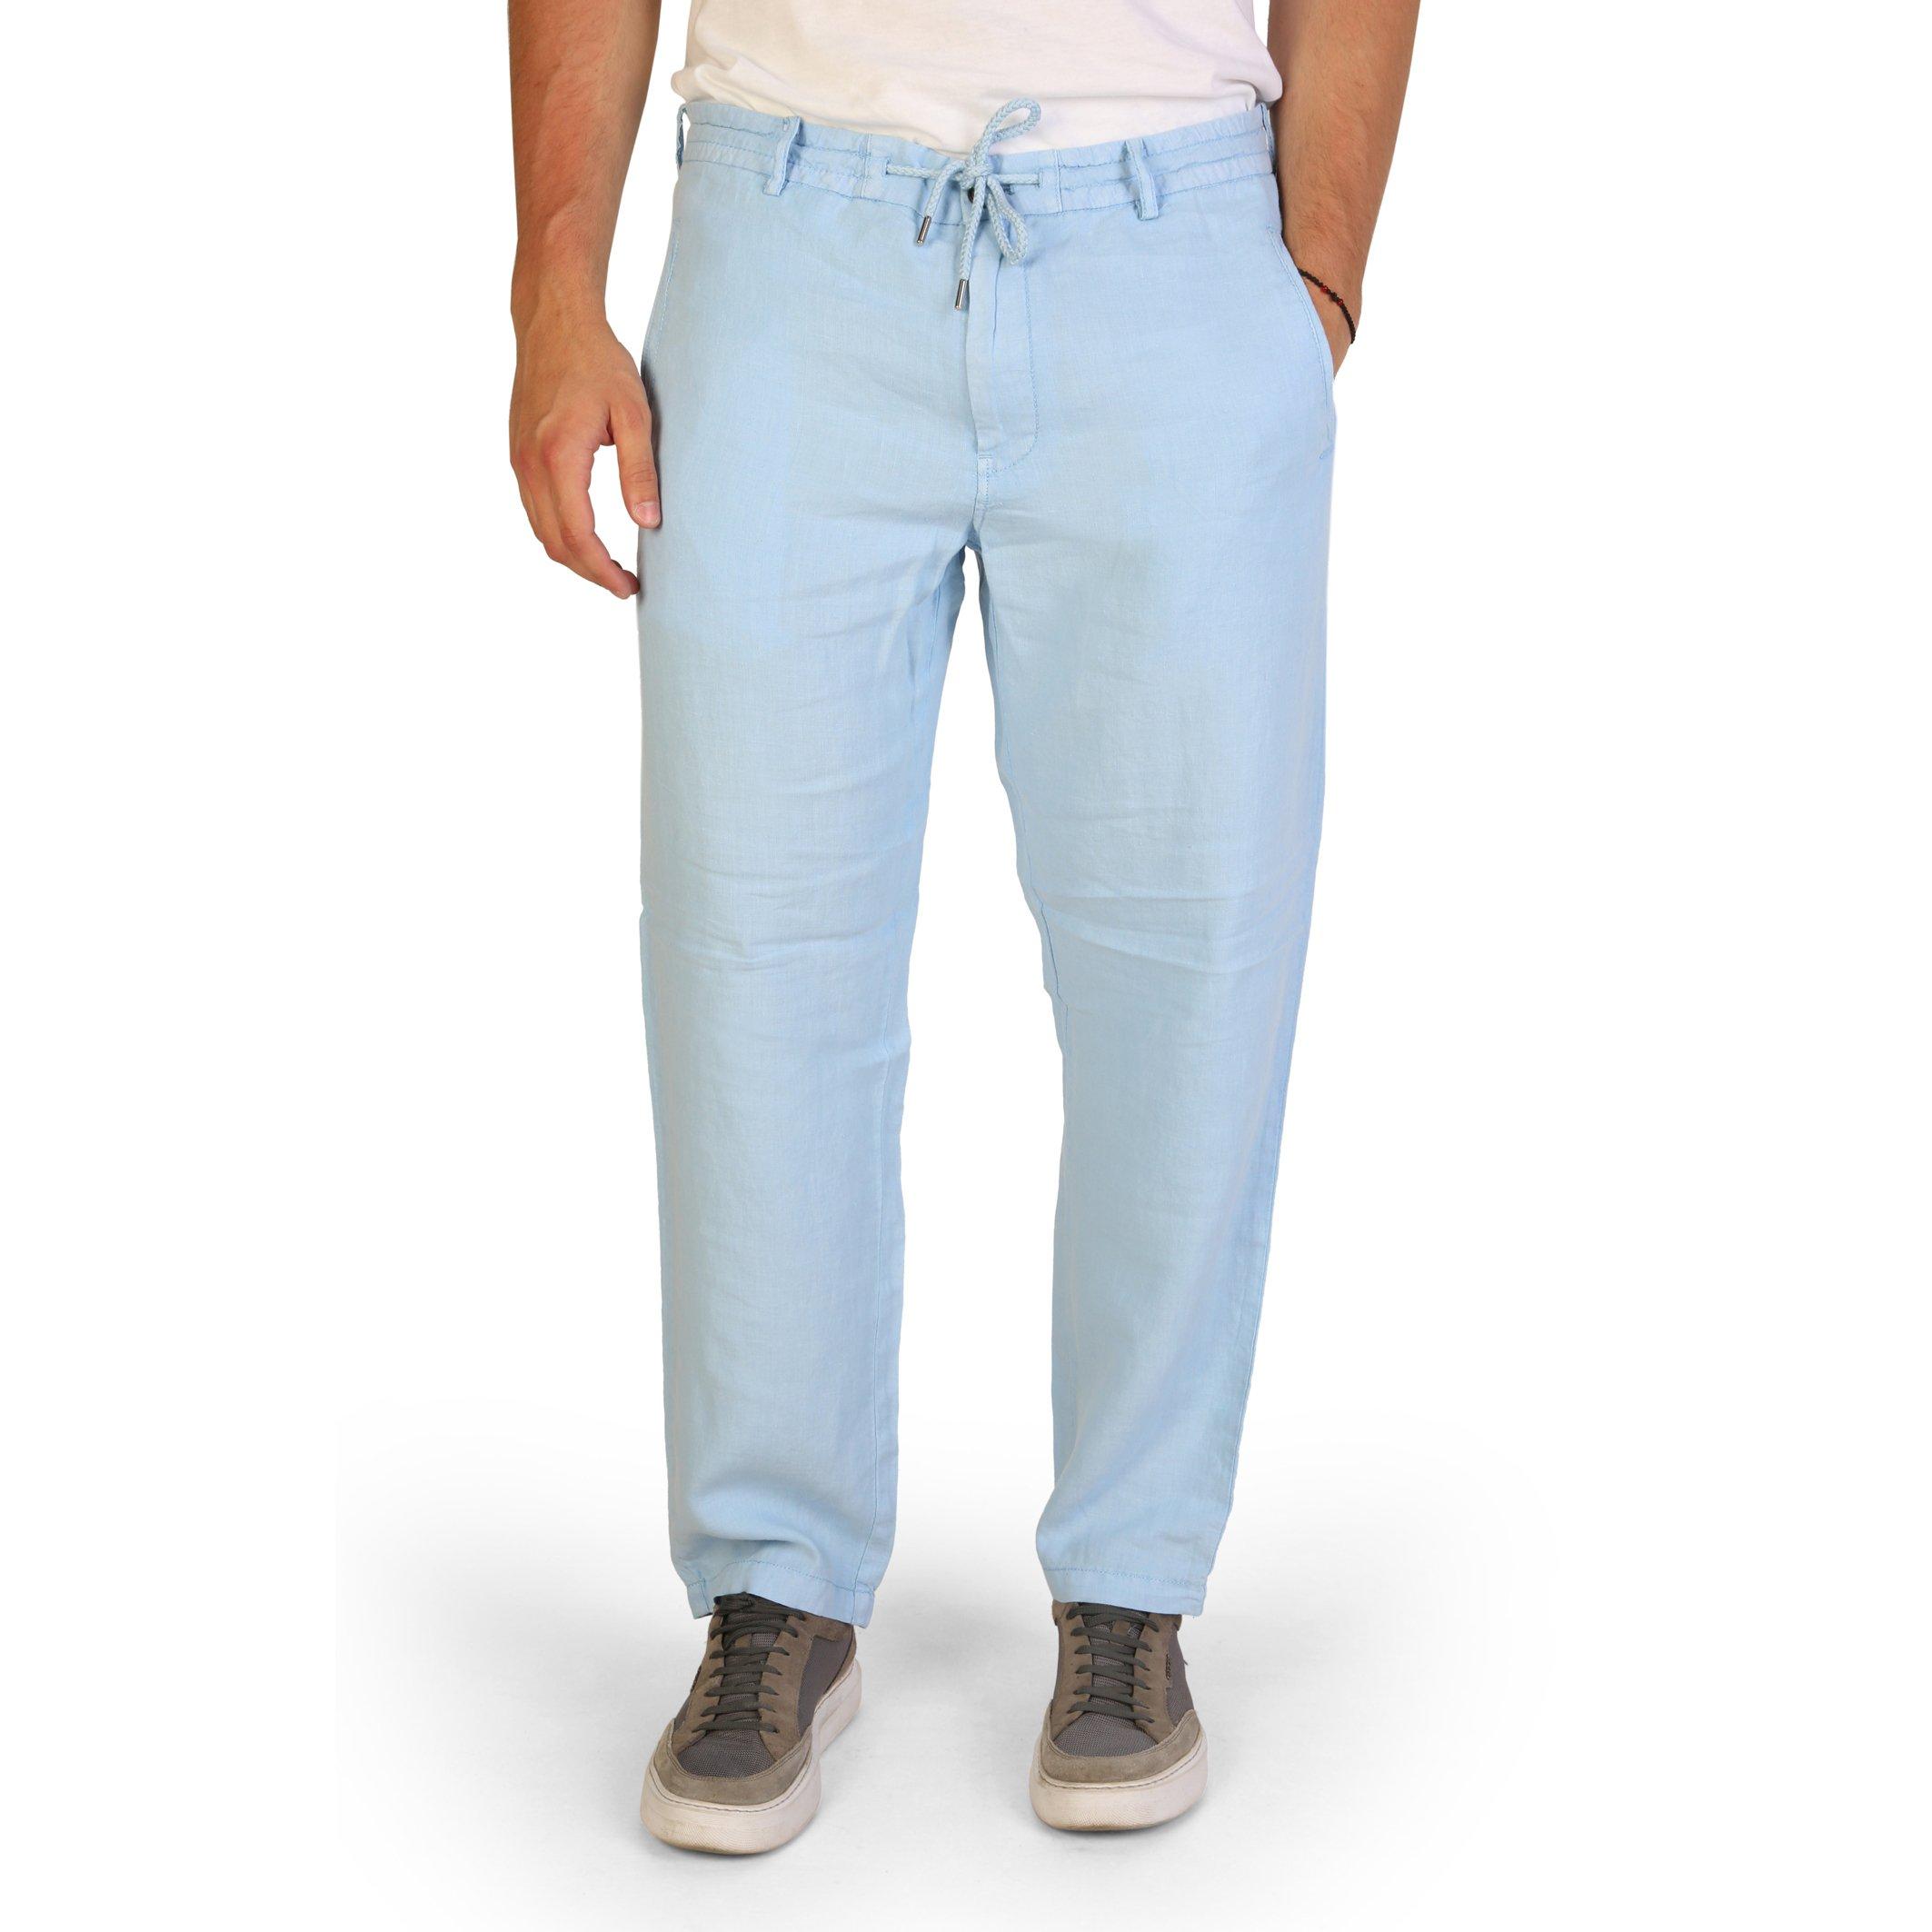 Armani Jeans Men's Trousers Various Colours 309144 - blue 46 EU